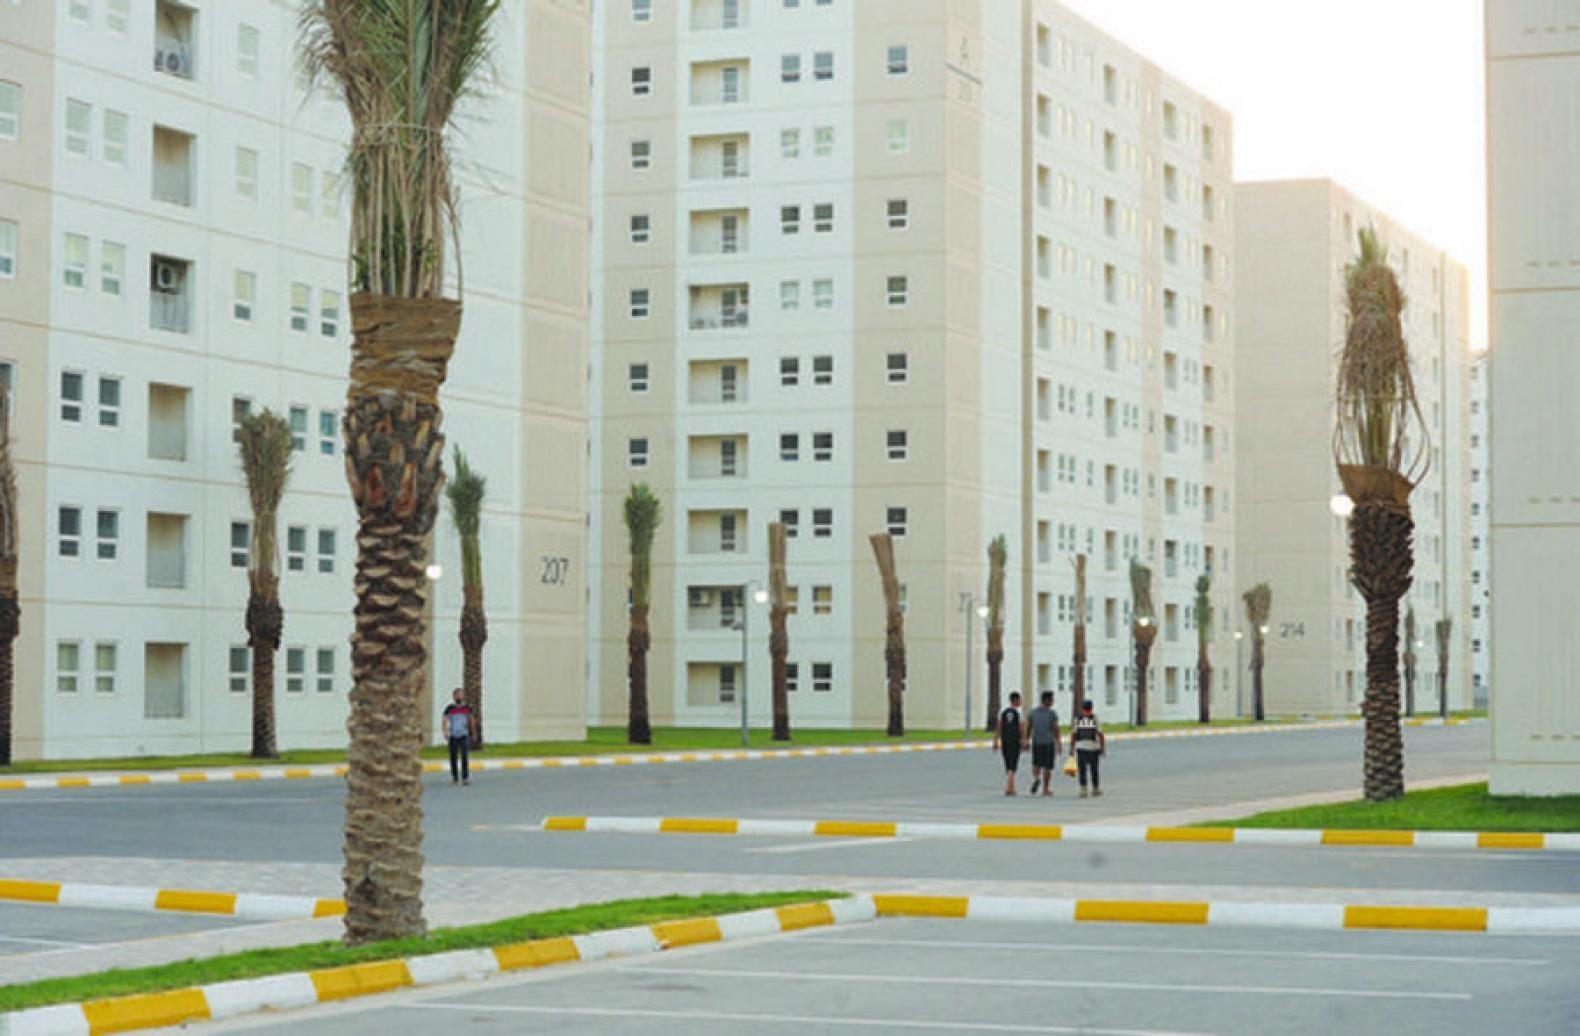 الرشيد يصدر تعليمات جديدة لمنح قرض شراء وحدات سكنية في مجمع بسماية لغير الموظفين